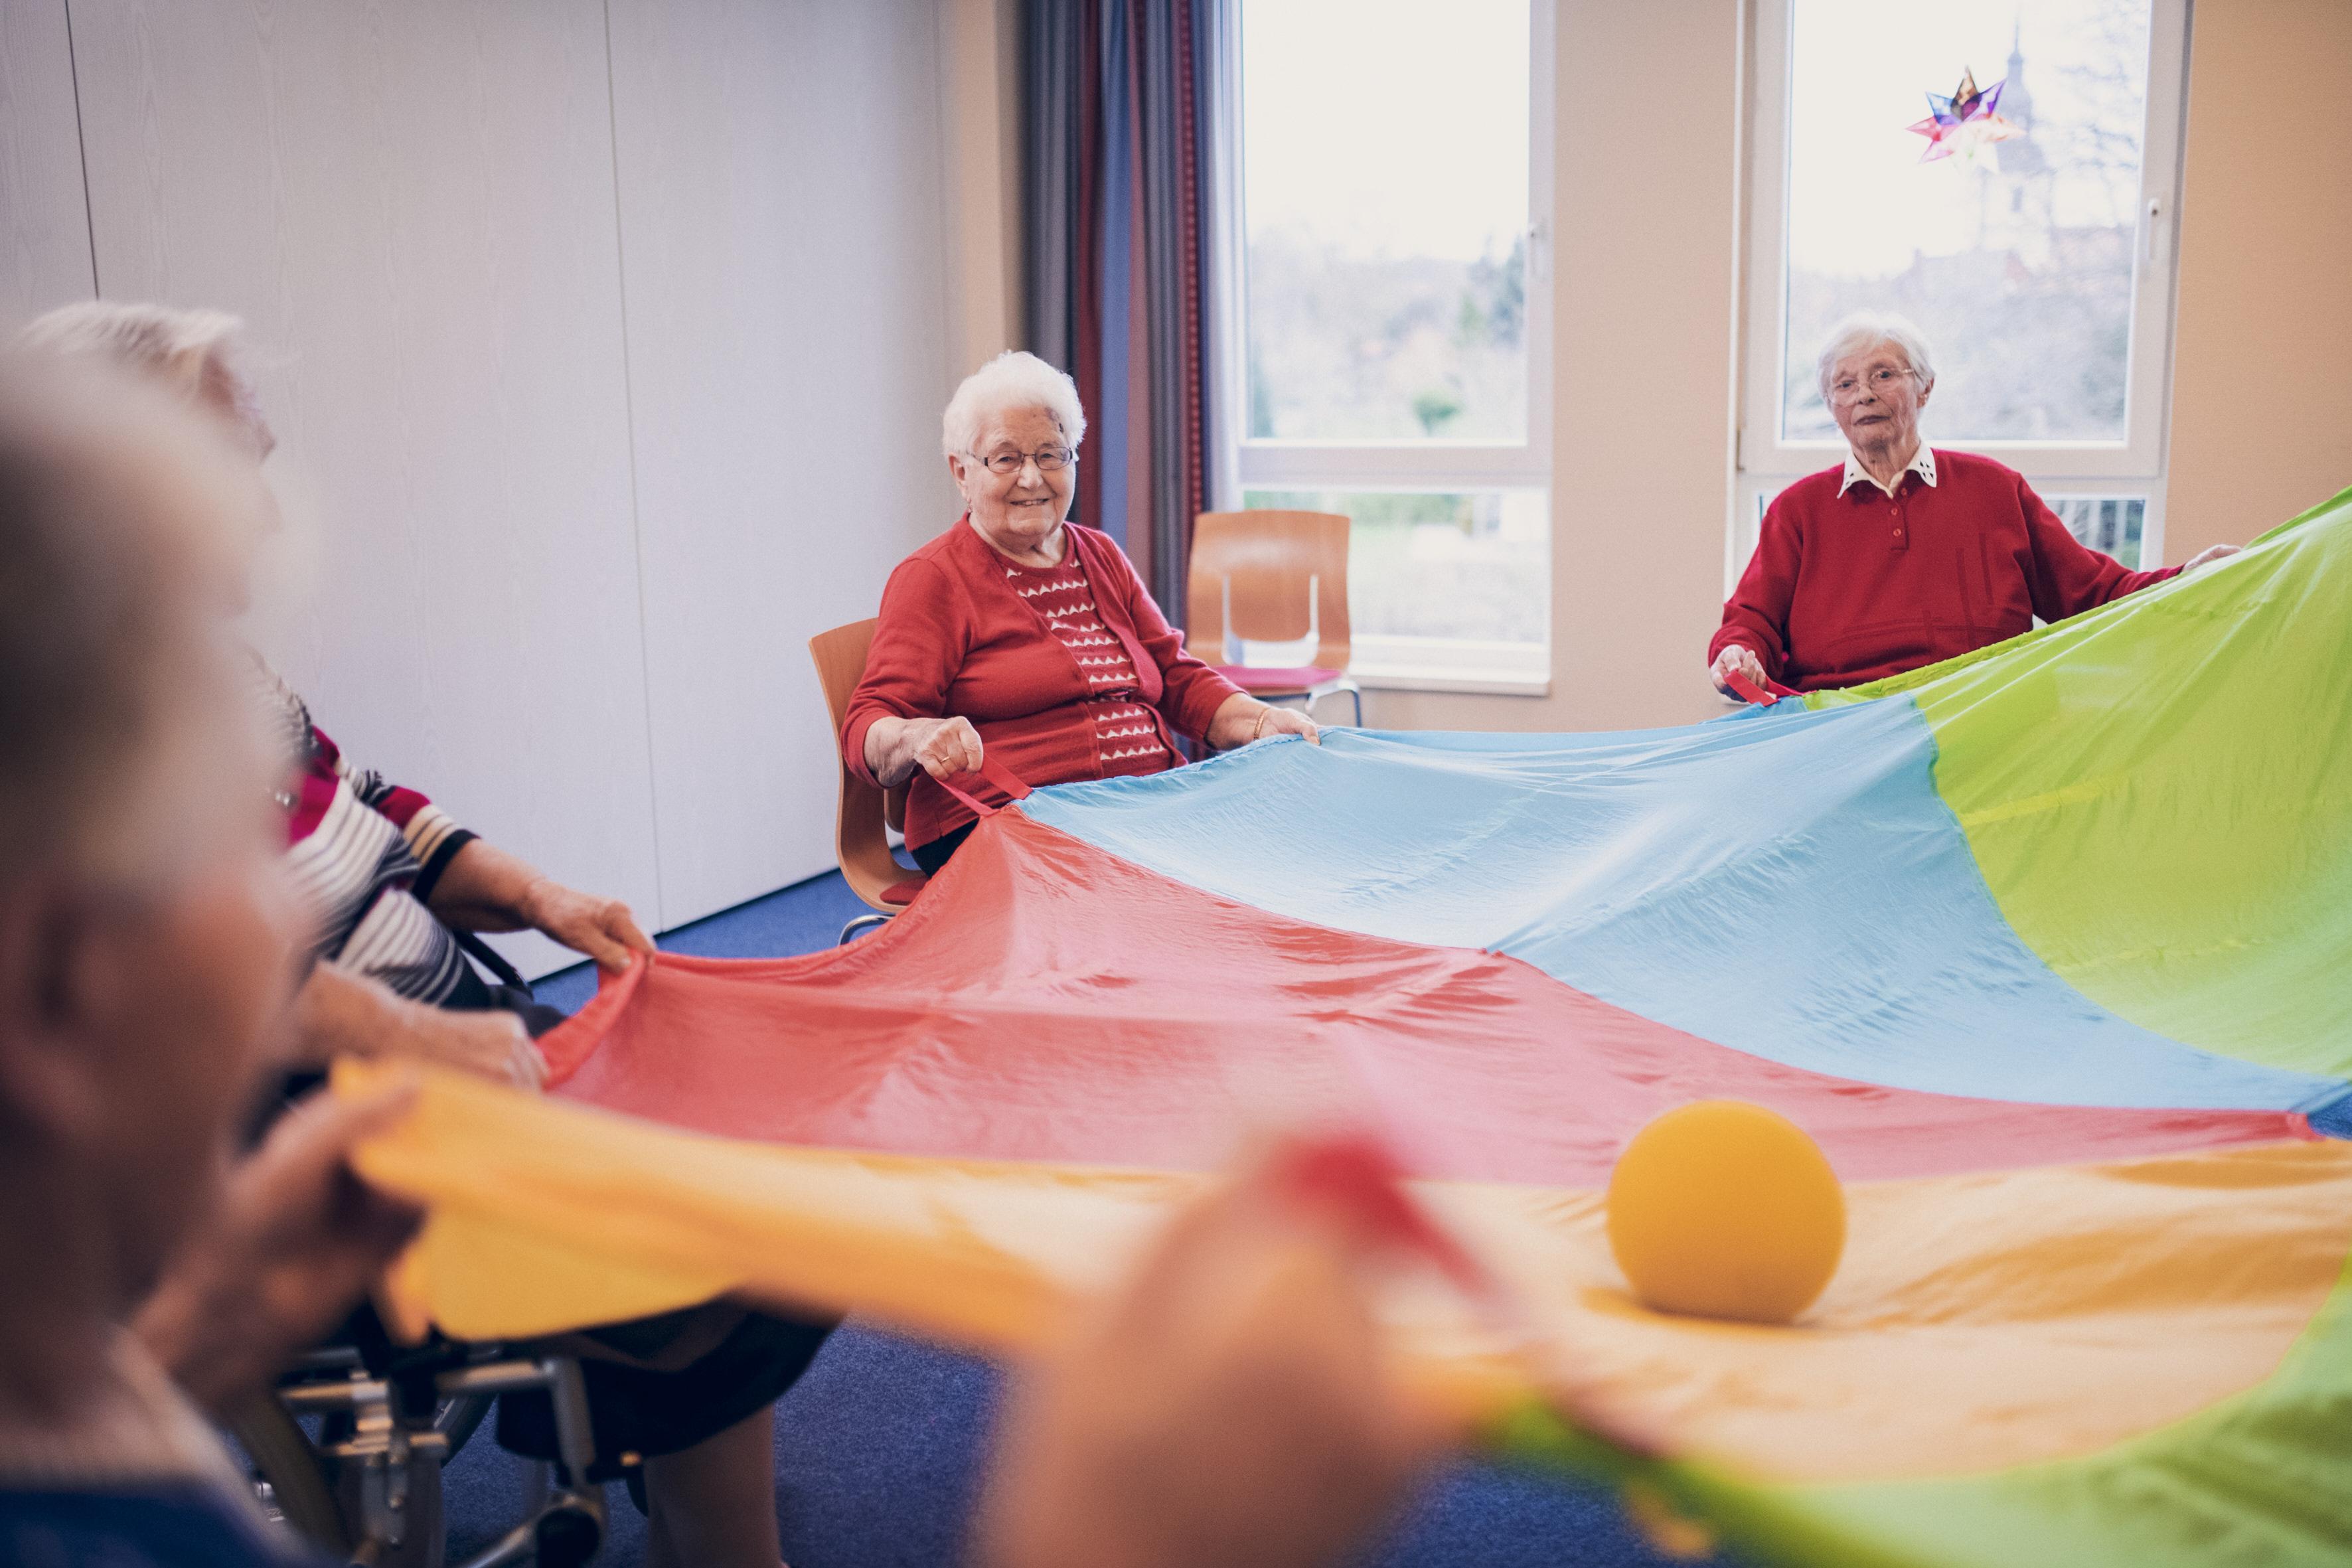 Seniorengruppe bei sportlichen Aktivitäten mit Ball und Tuch